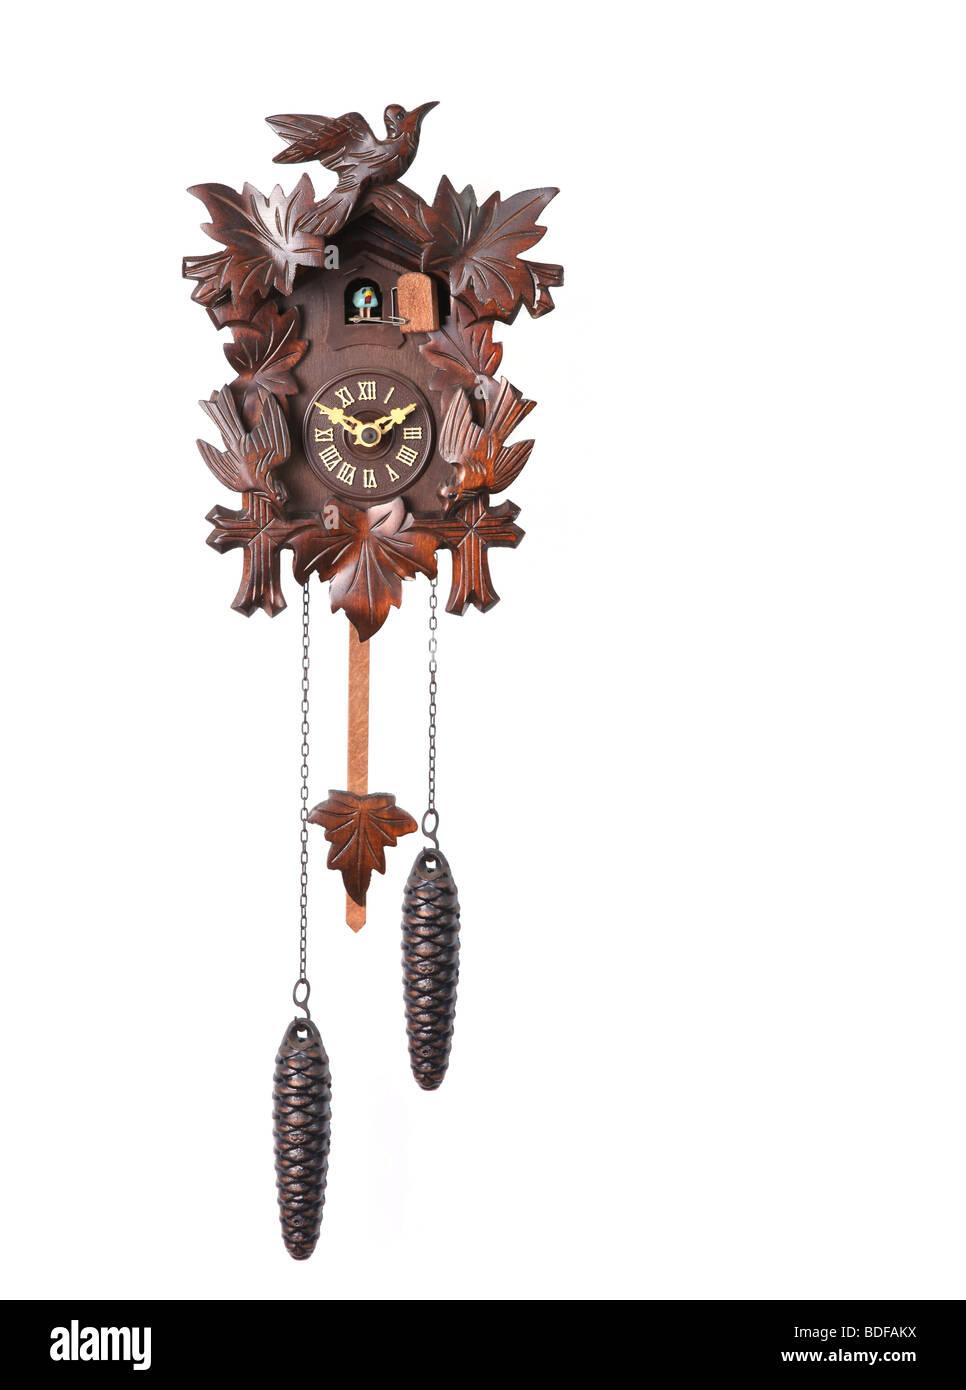 Reloj de cuco aislado en un fondo blanco con pesos colgantes Imagen De Stock